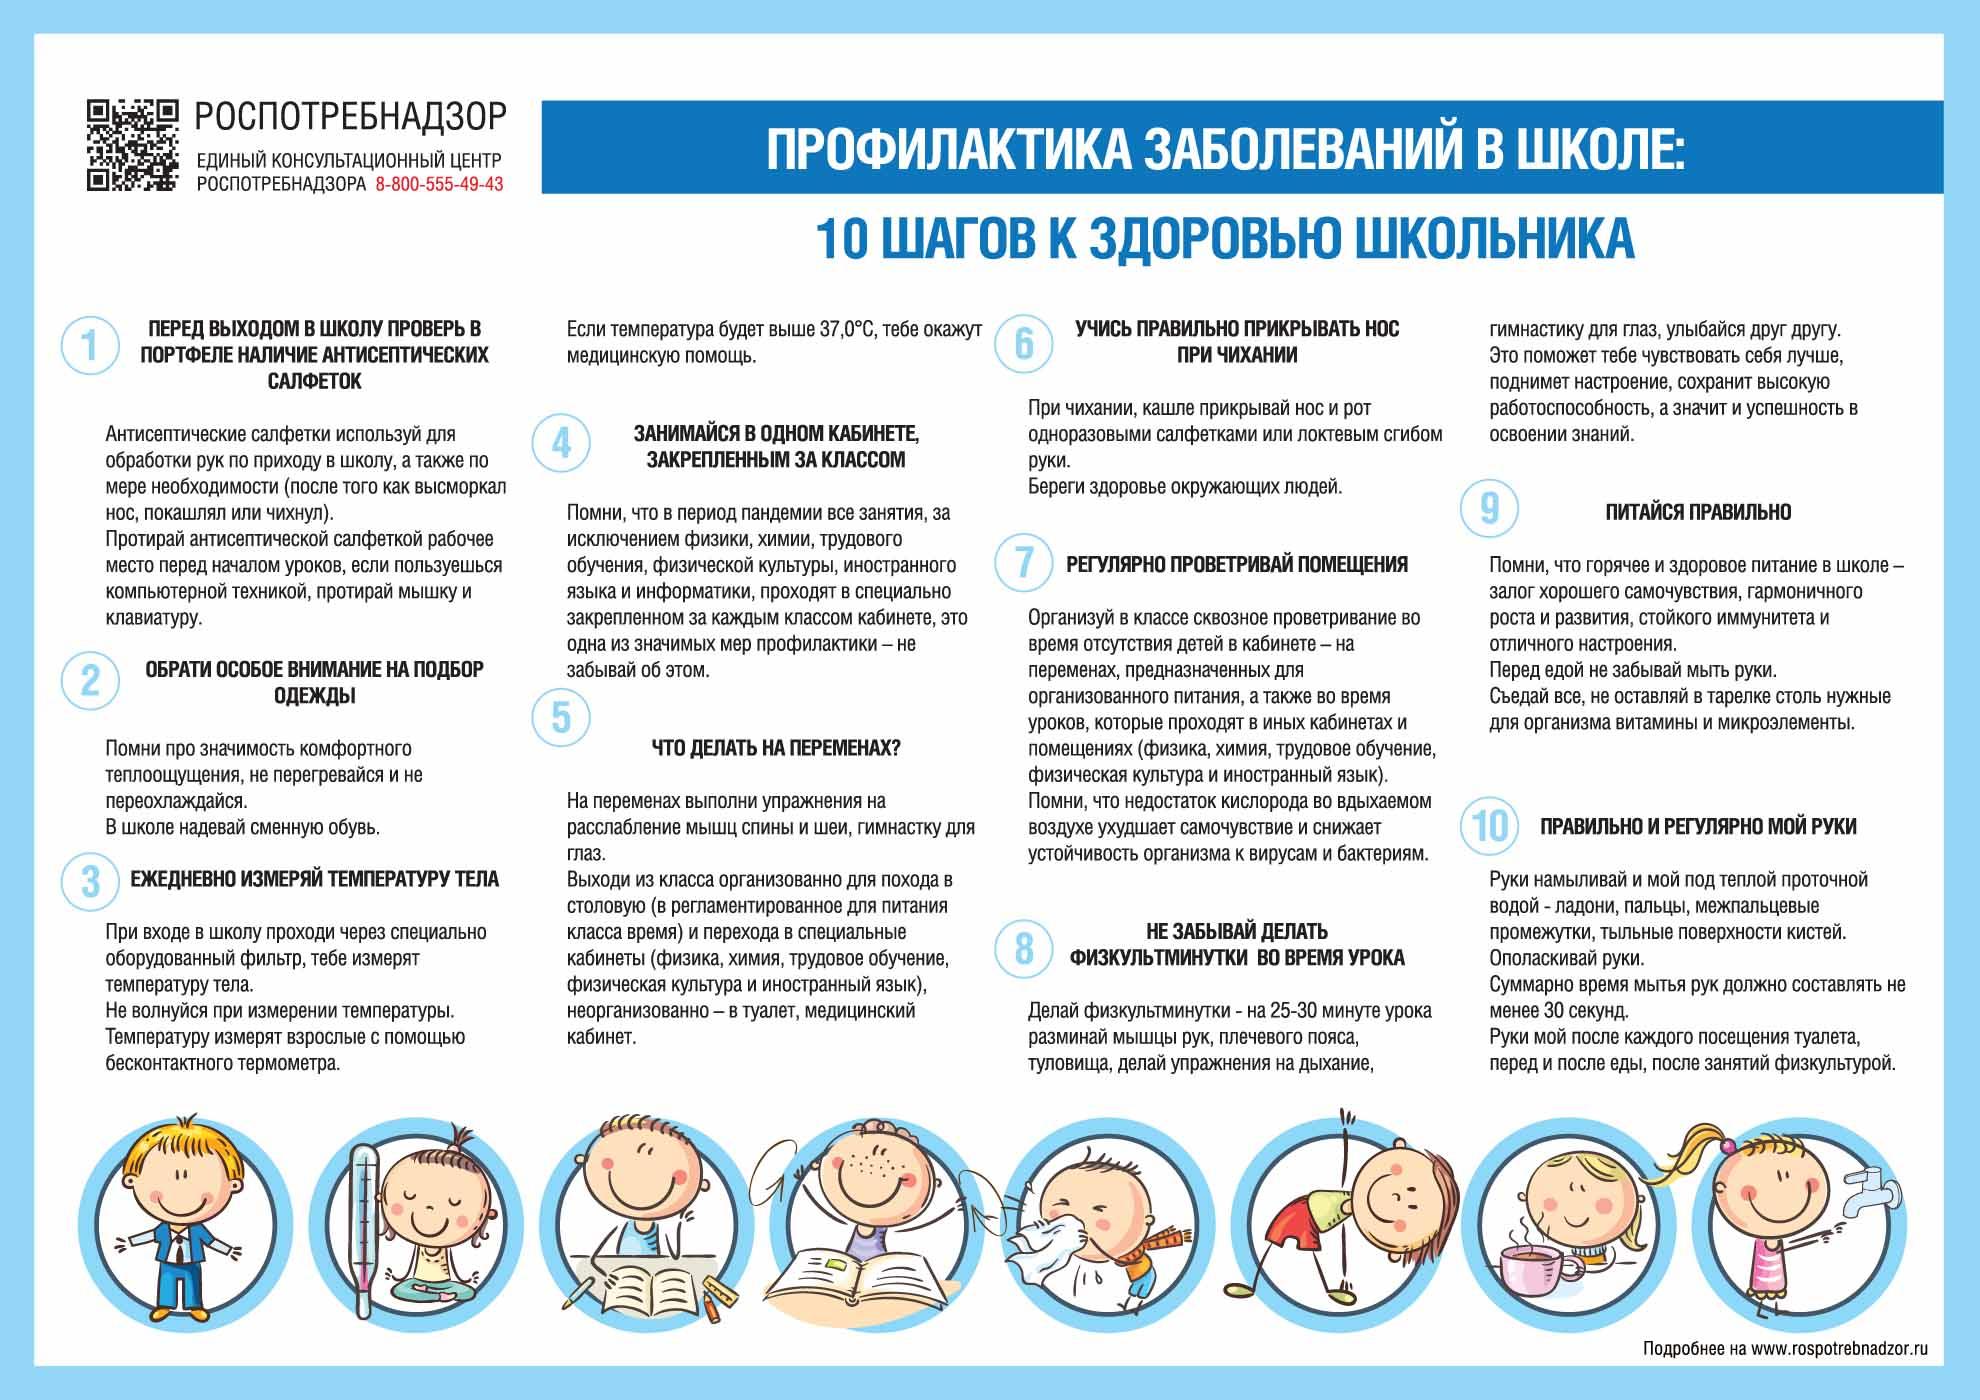 10 шагов к здоровью школьника